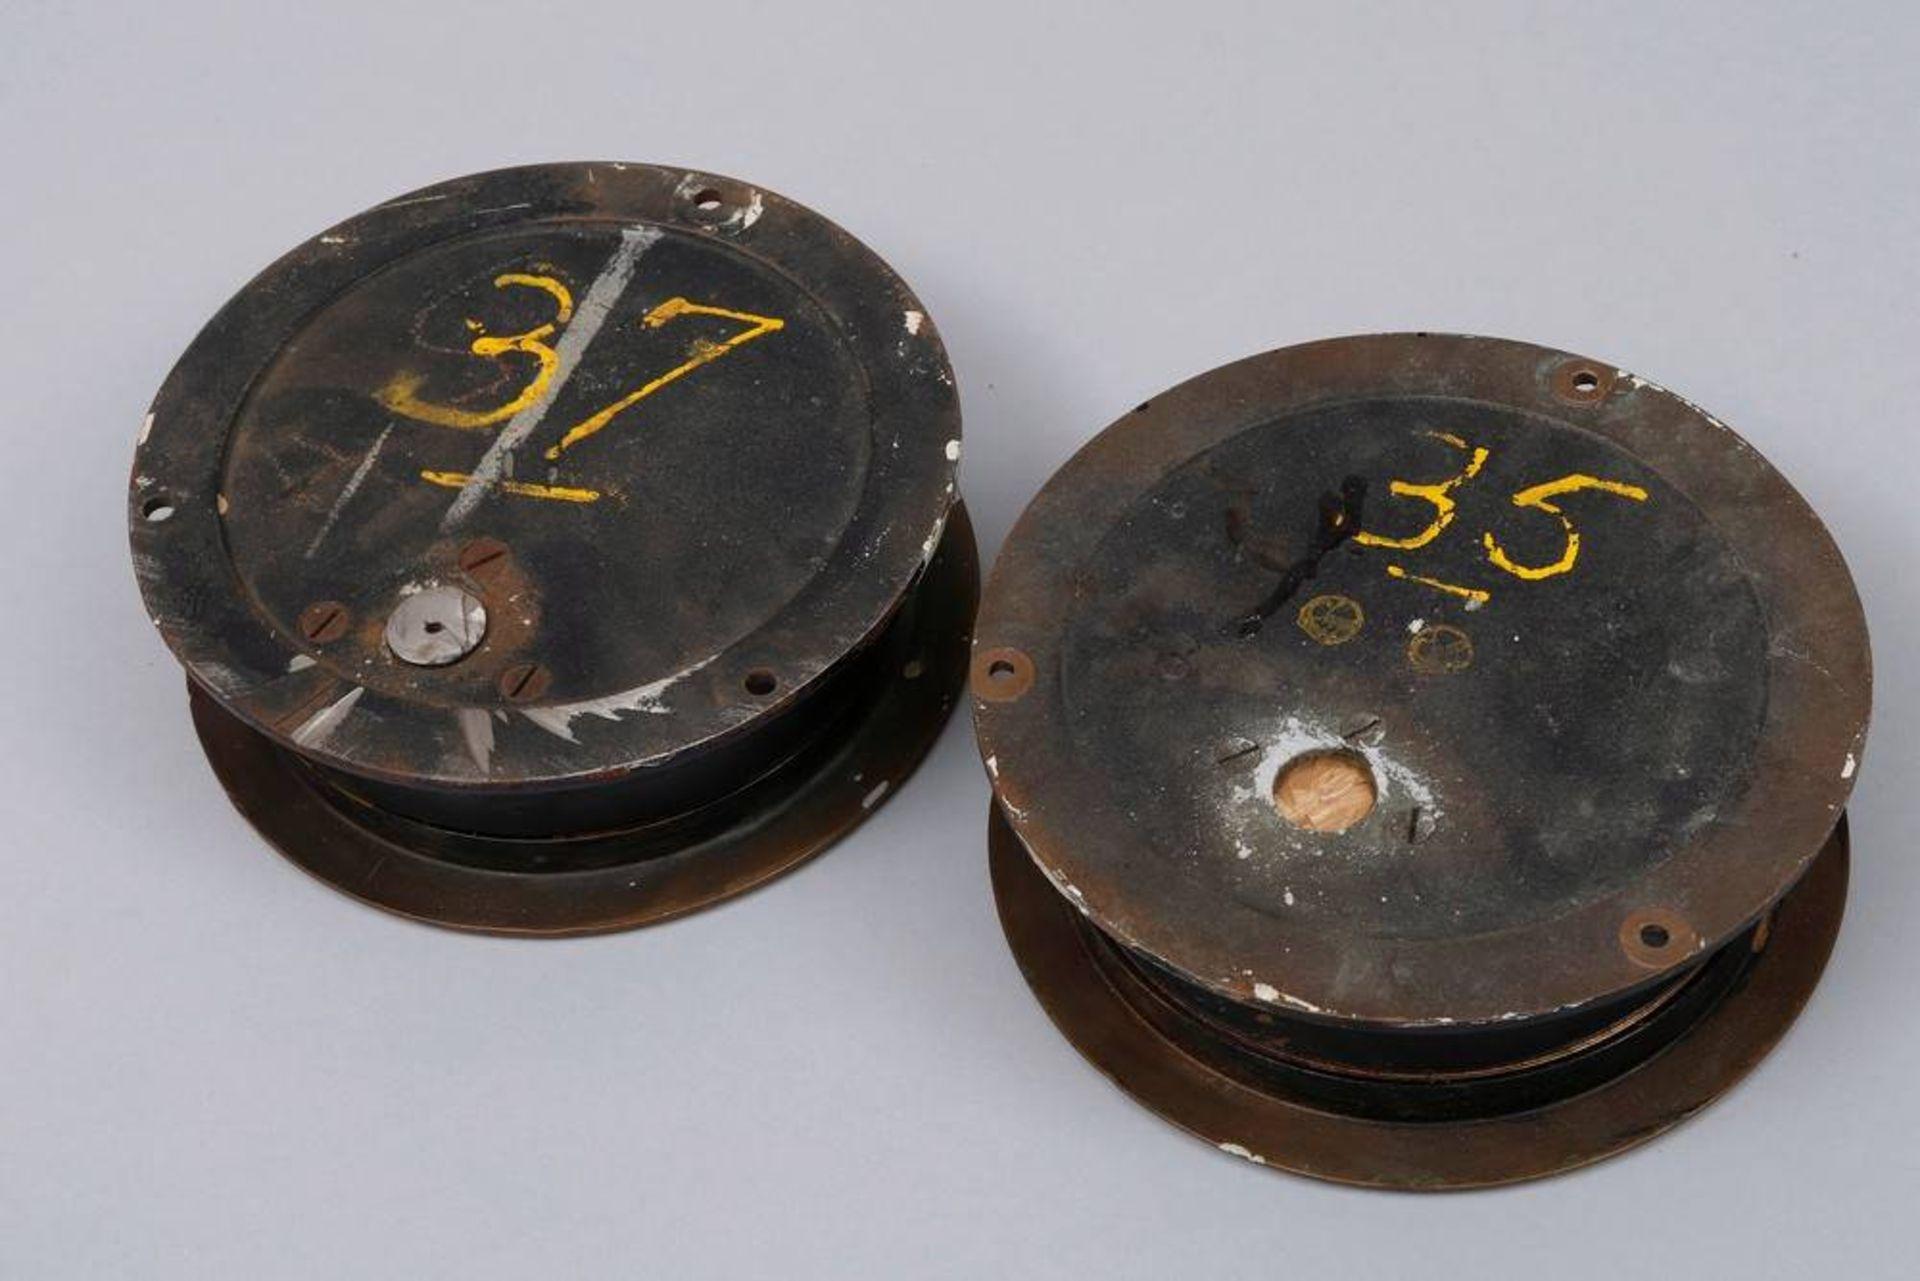 2 Schiffsinstrumente, USA, wohl 1930er/40er Jahre - Bild 4 aus 4